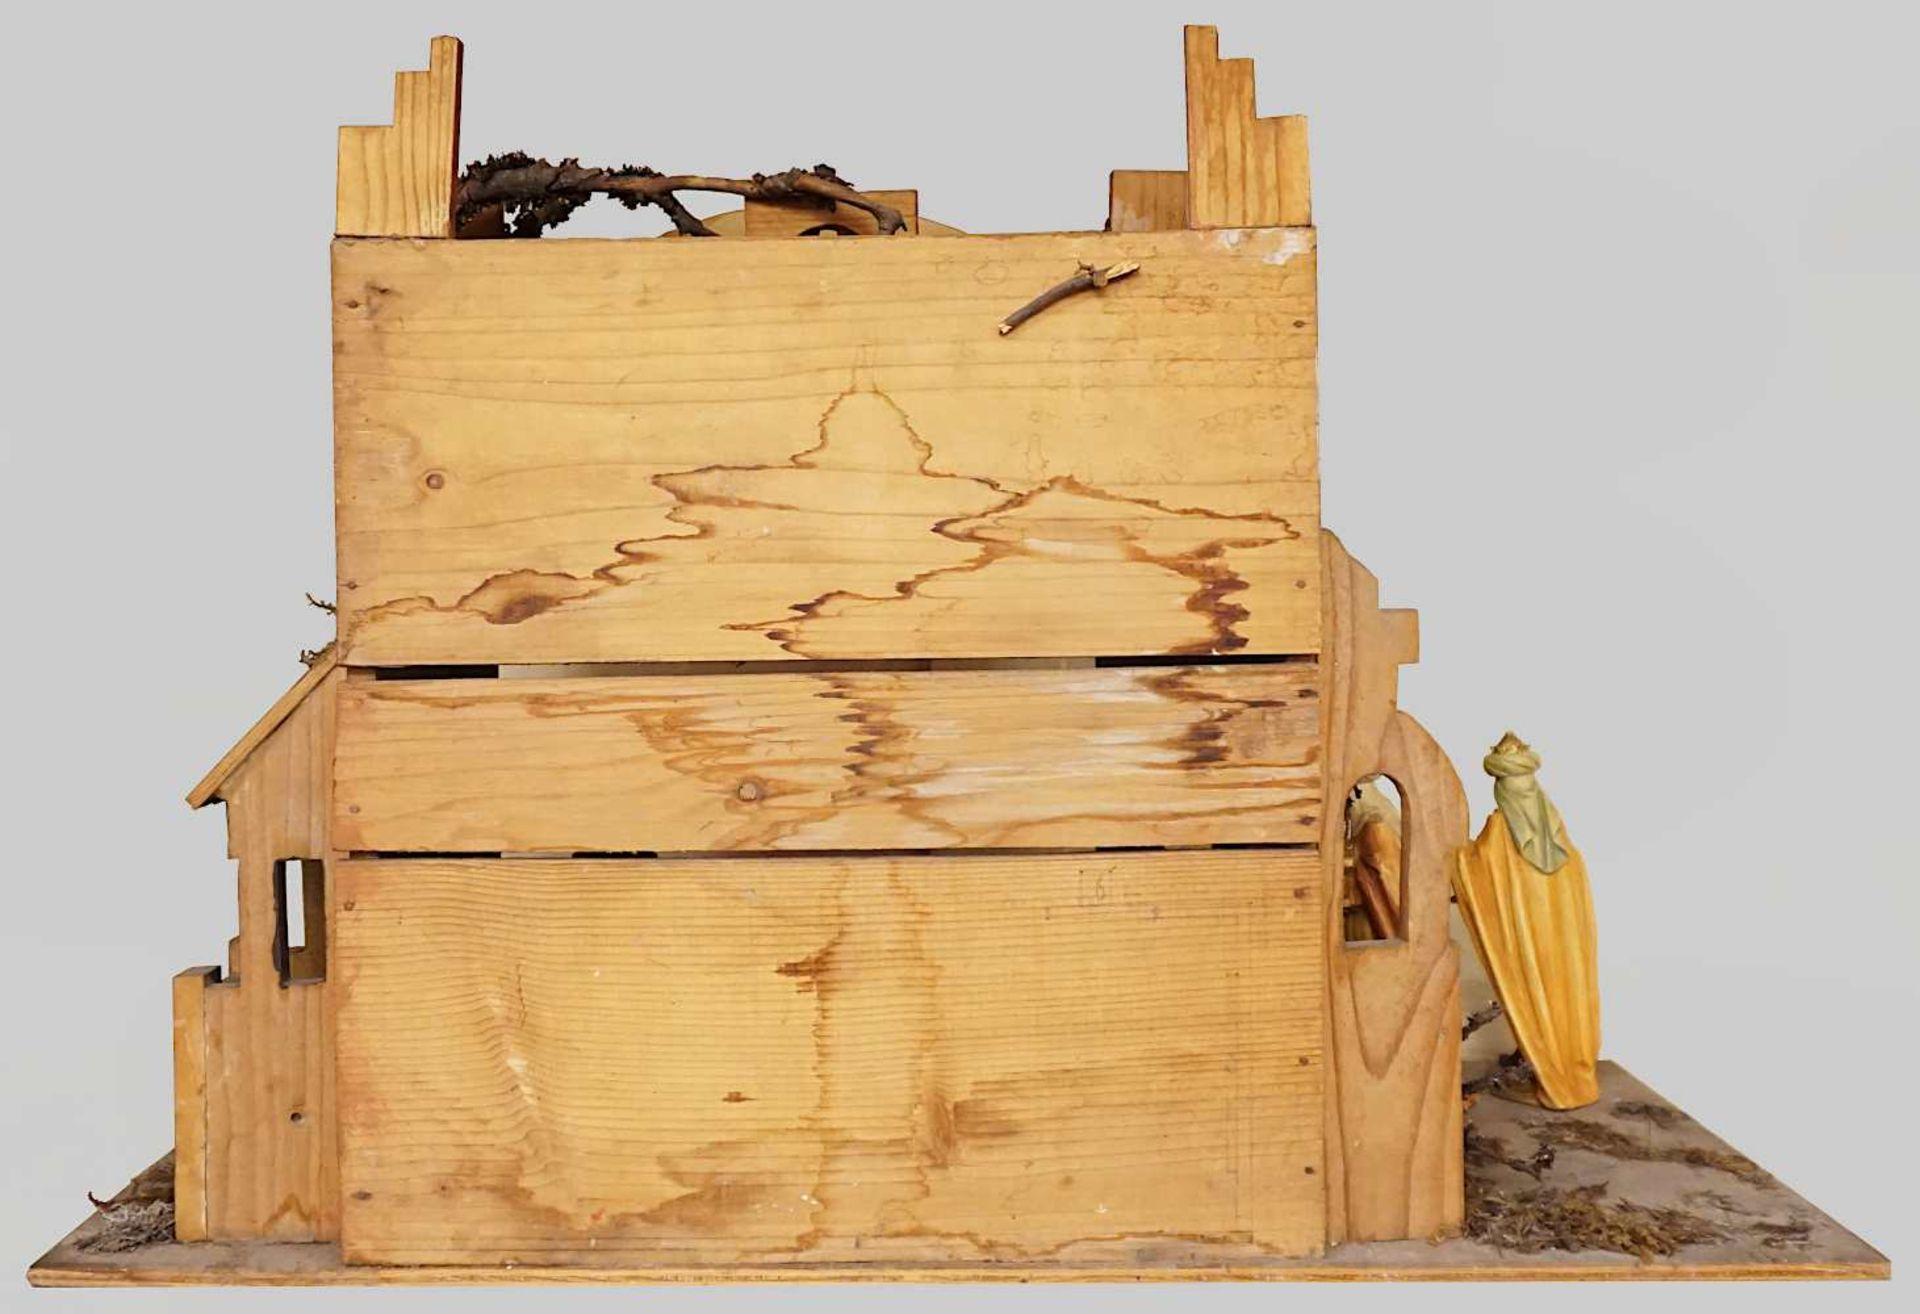 1 Krippe mit Figuren Holz, 20. Jh. z.T. gemarkt UNITAS farbig gefasst, Krippe H ca. 4 - Bild 5 aus 6